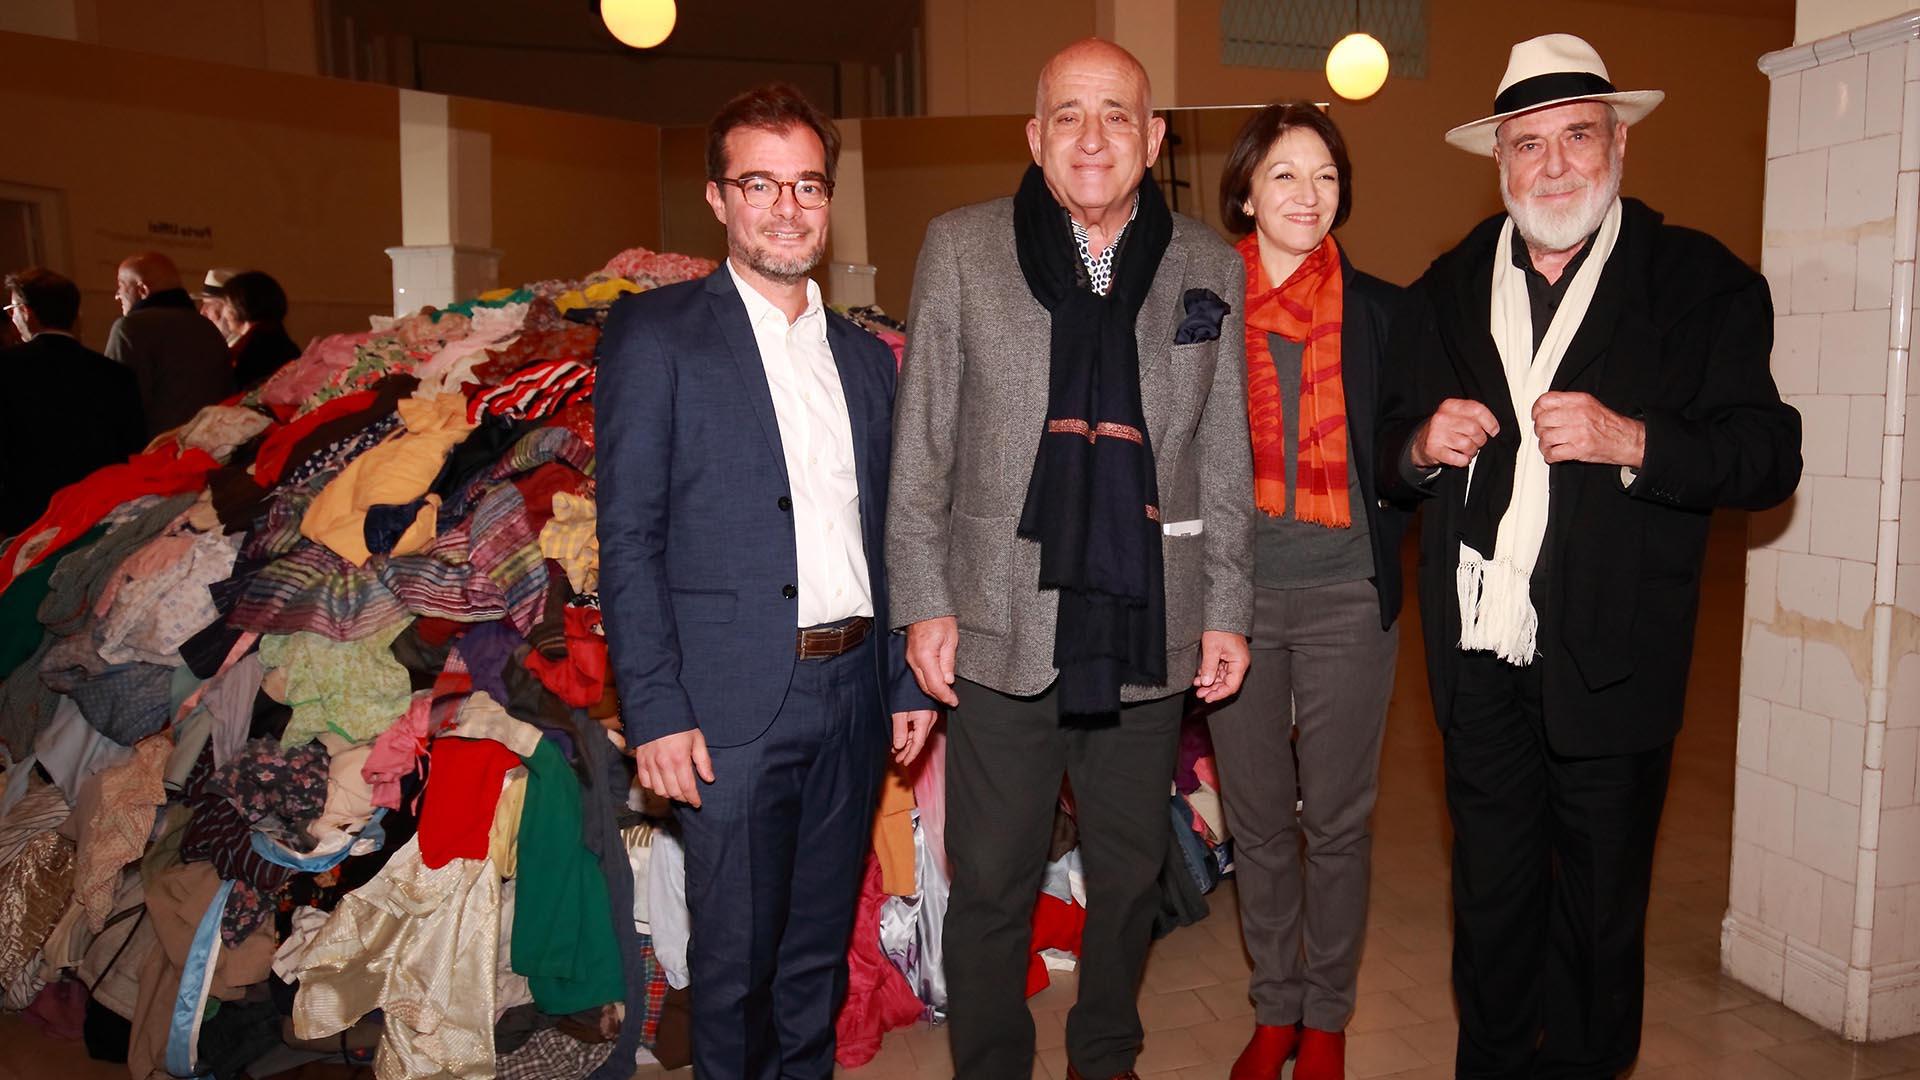 Enrique Avogrado, ministro de Cultura de la ciudad, Anibal Jozami y Diana Wechsler,y Michelangelo Pistoletto, prestigioso artista italianos contemporáneos